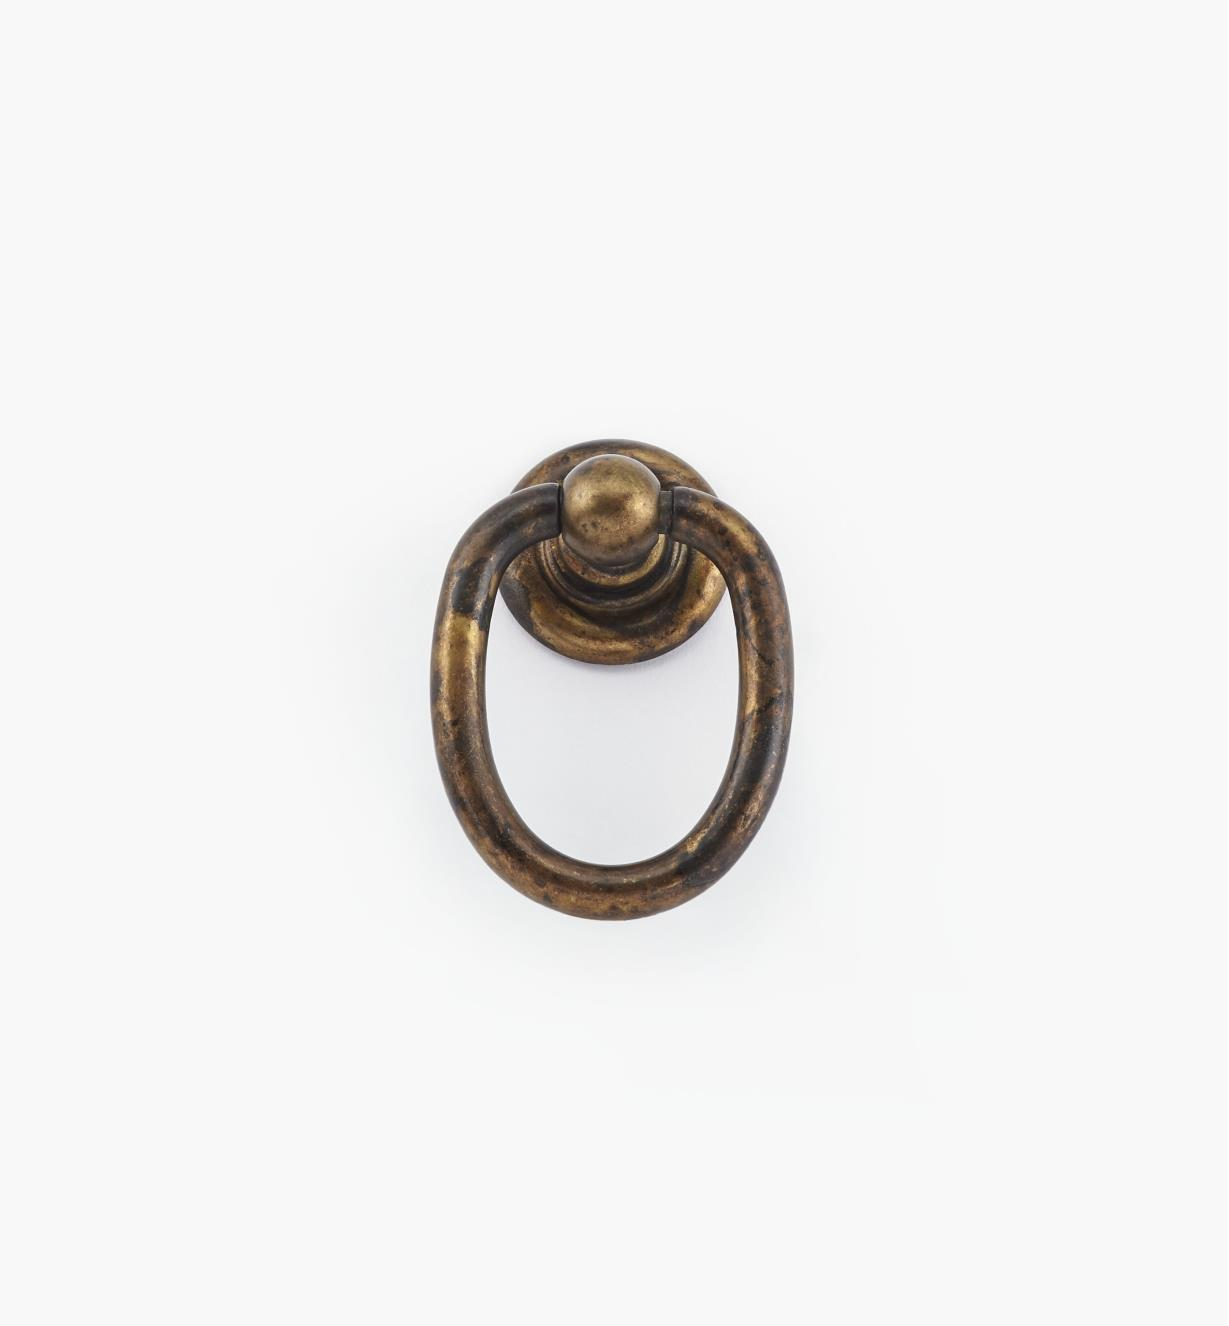 01X4063 - Poignée à anneau sur rosace, fini laiton ancien